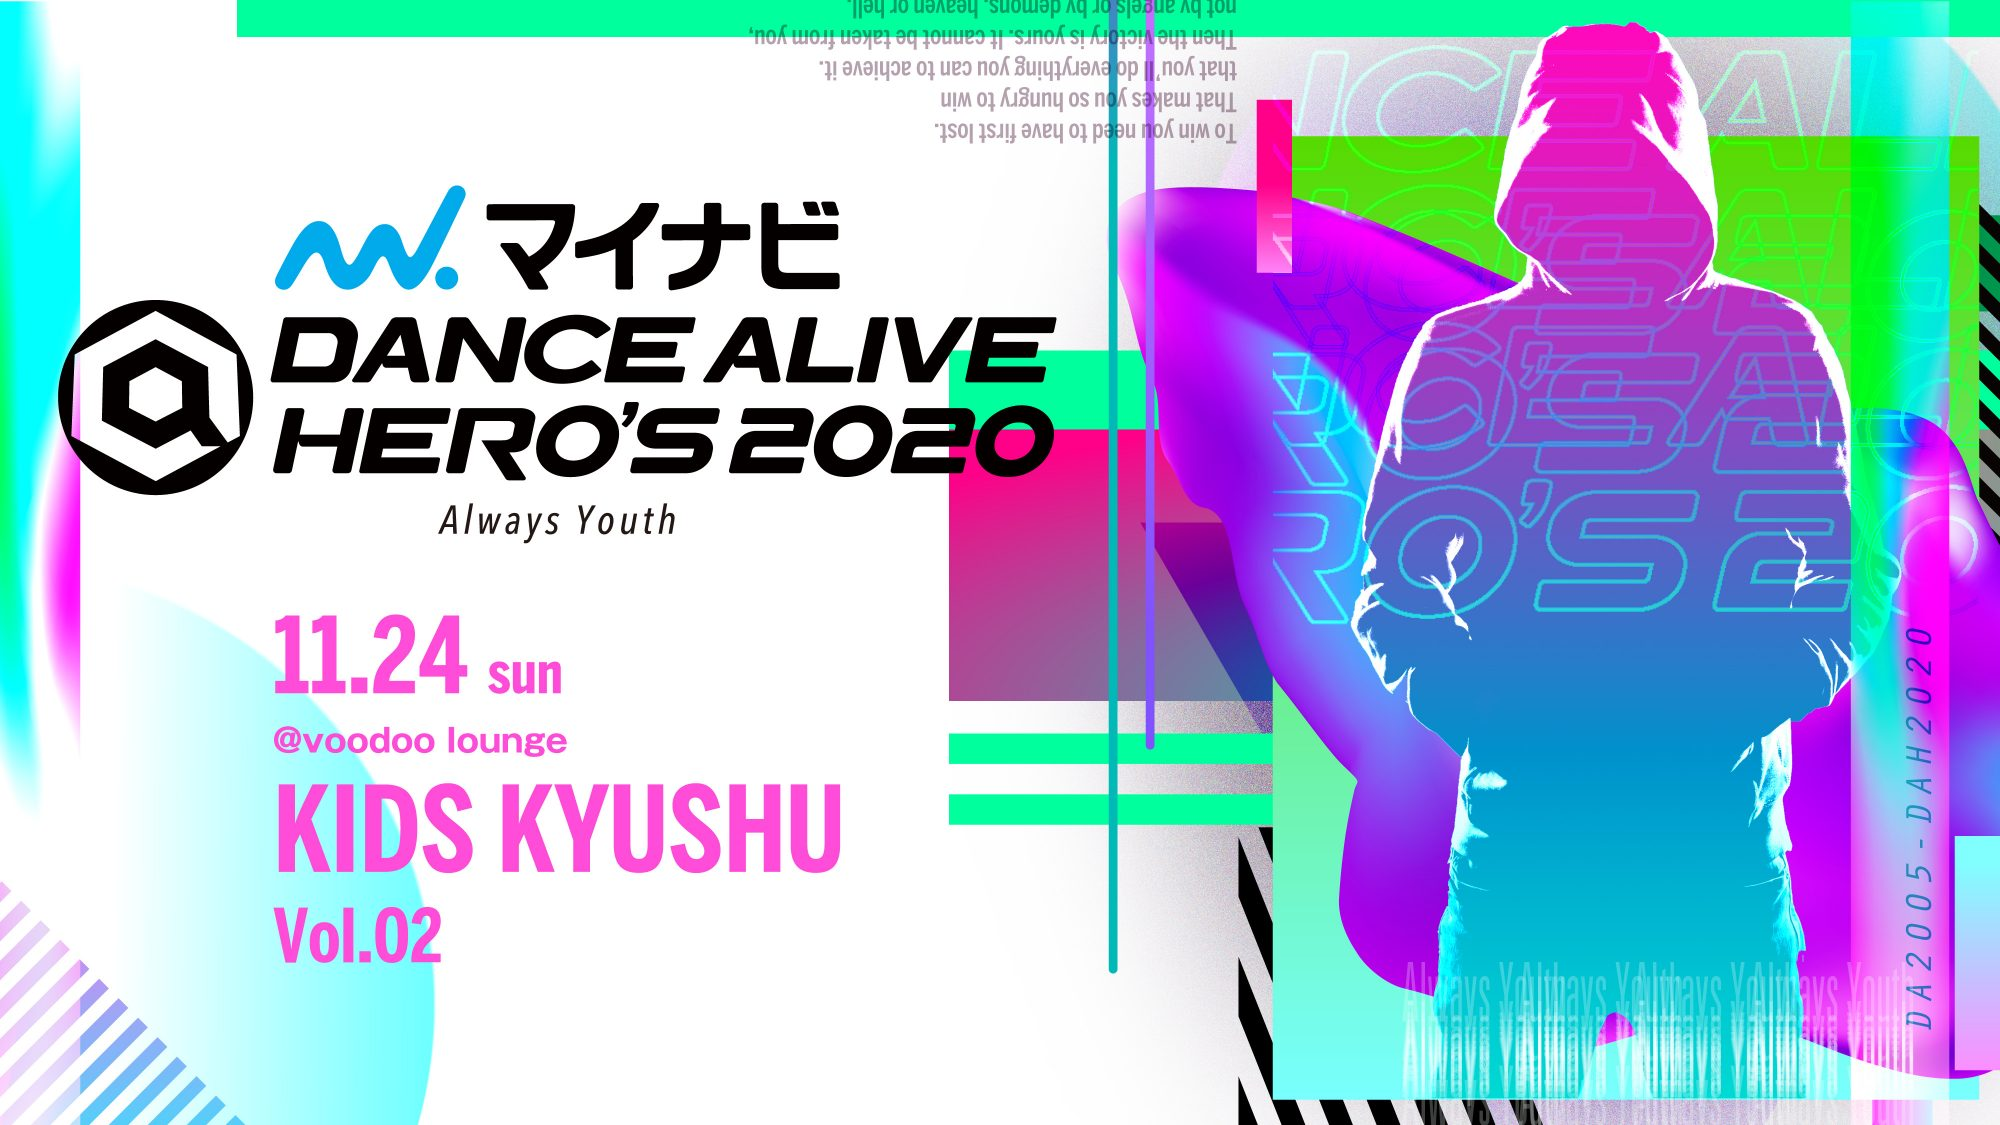 KIDS KYUSHU vol.2のエントリーが開始されました。